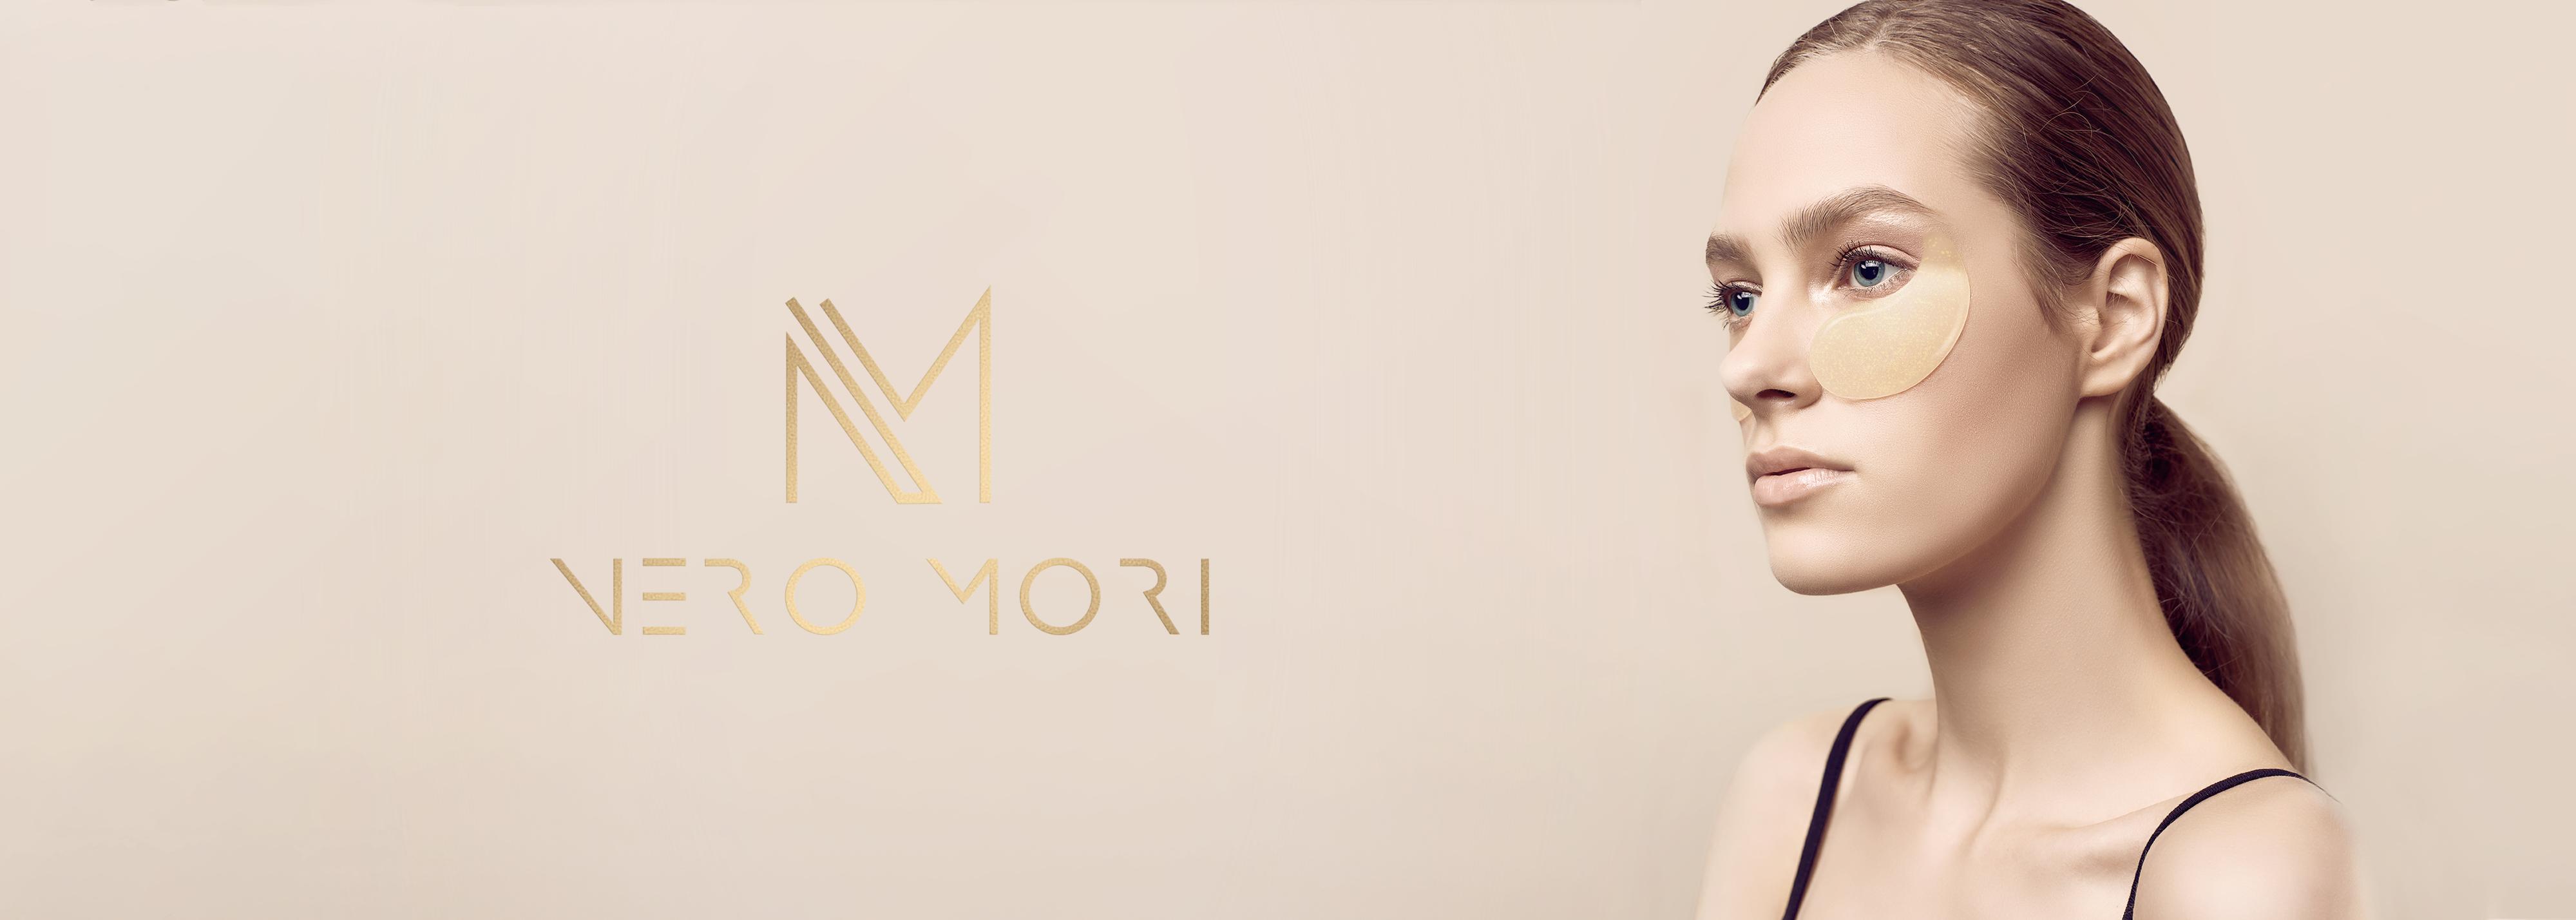 Nero Mori logo